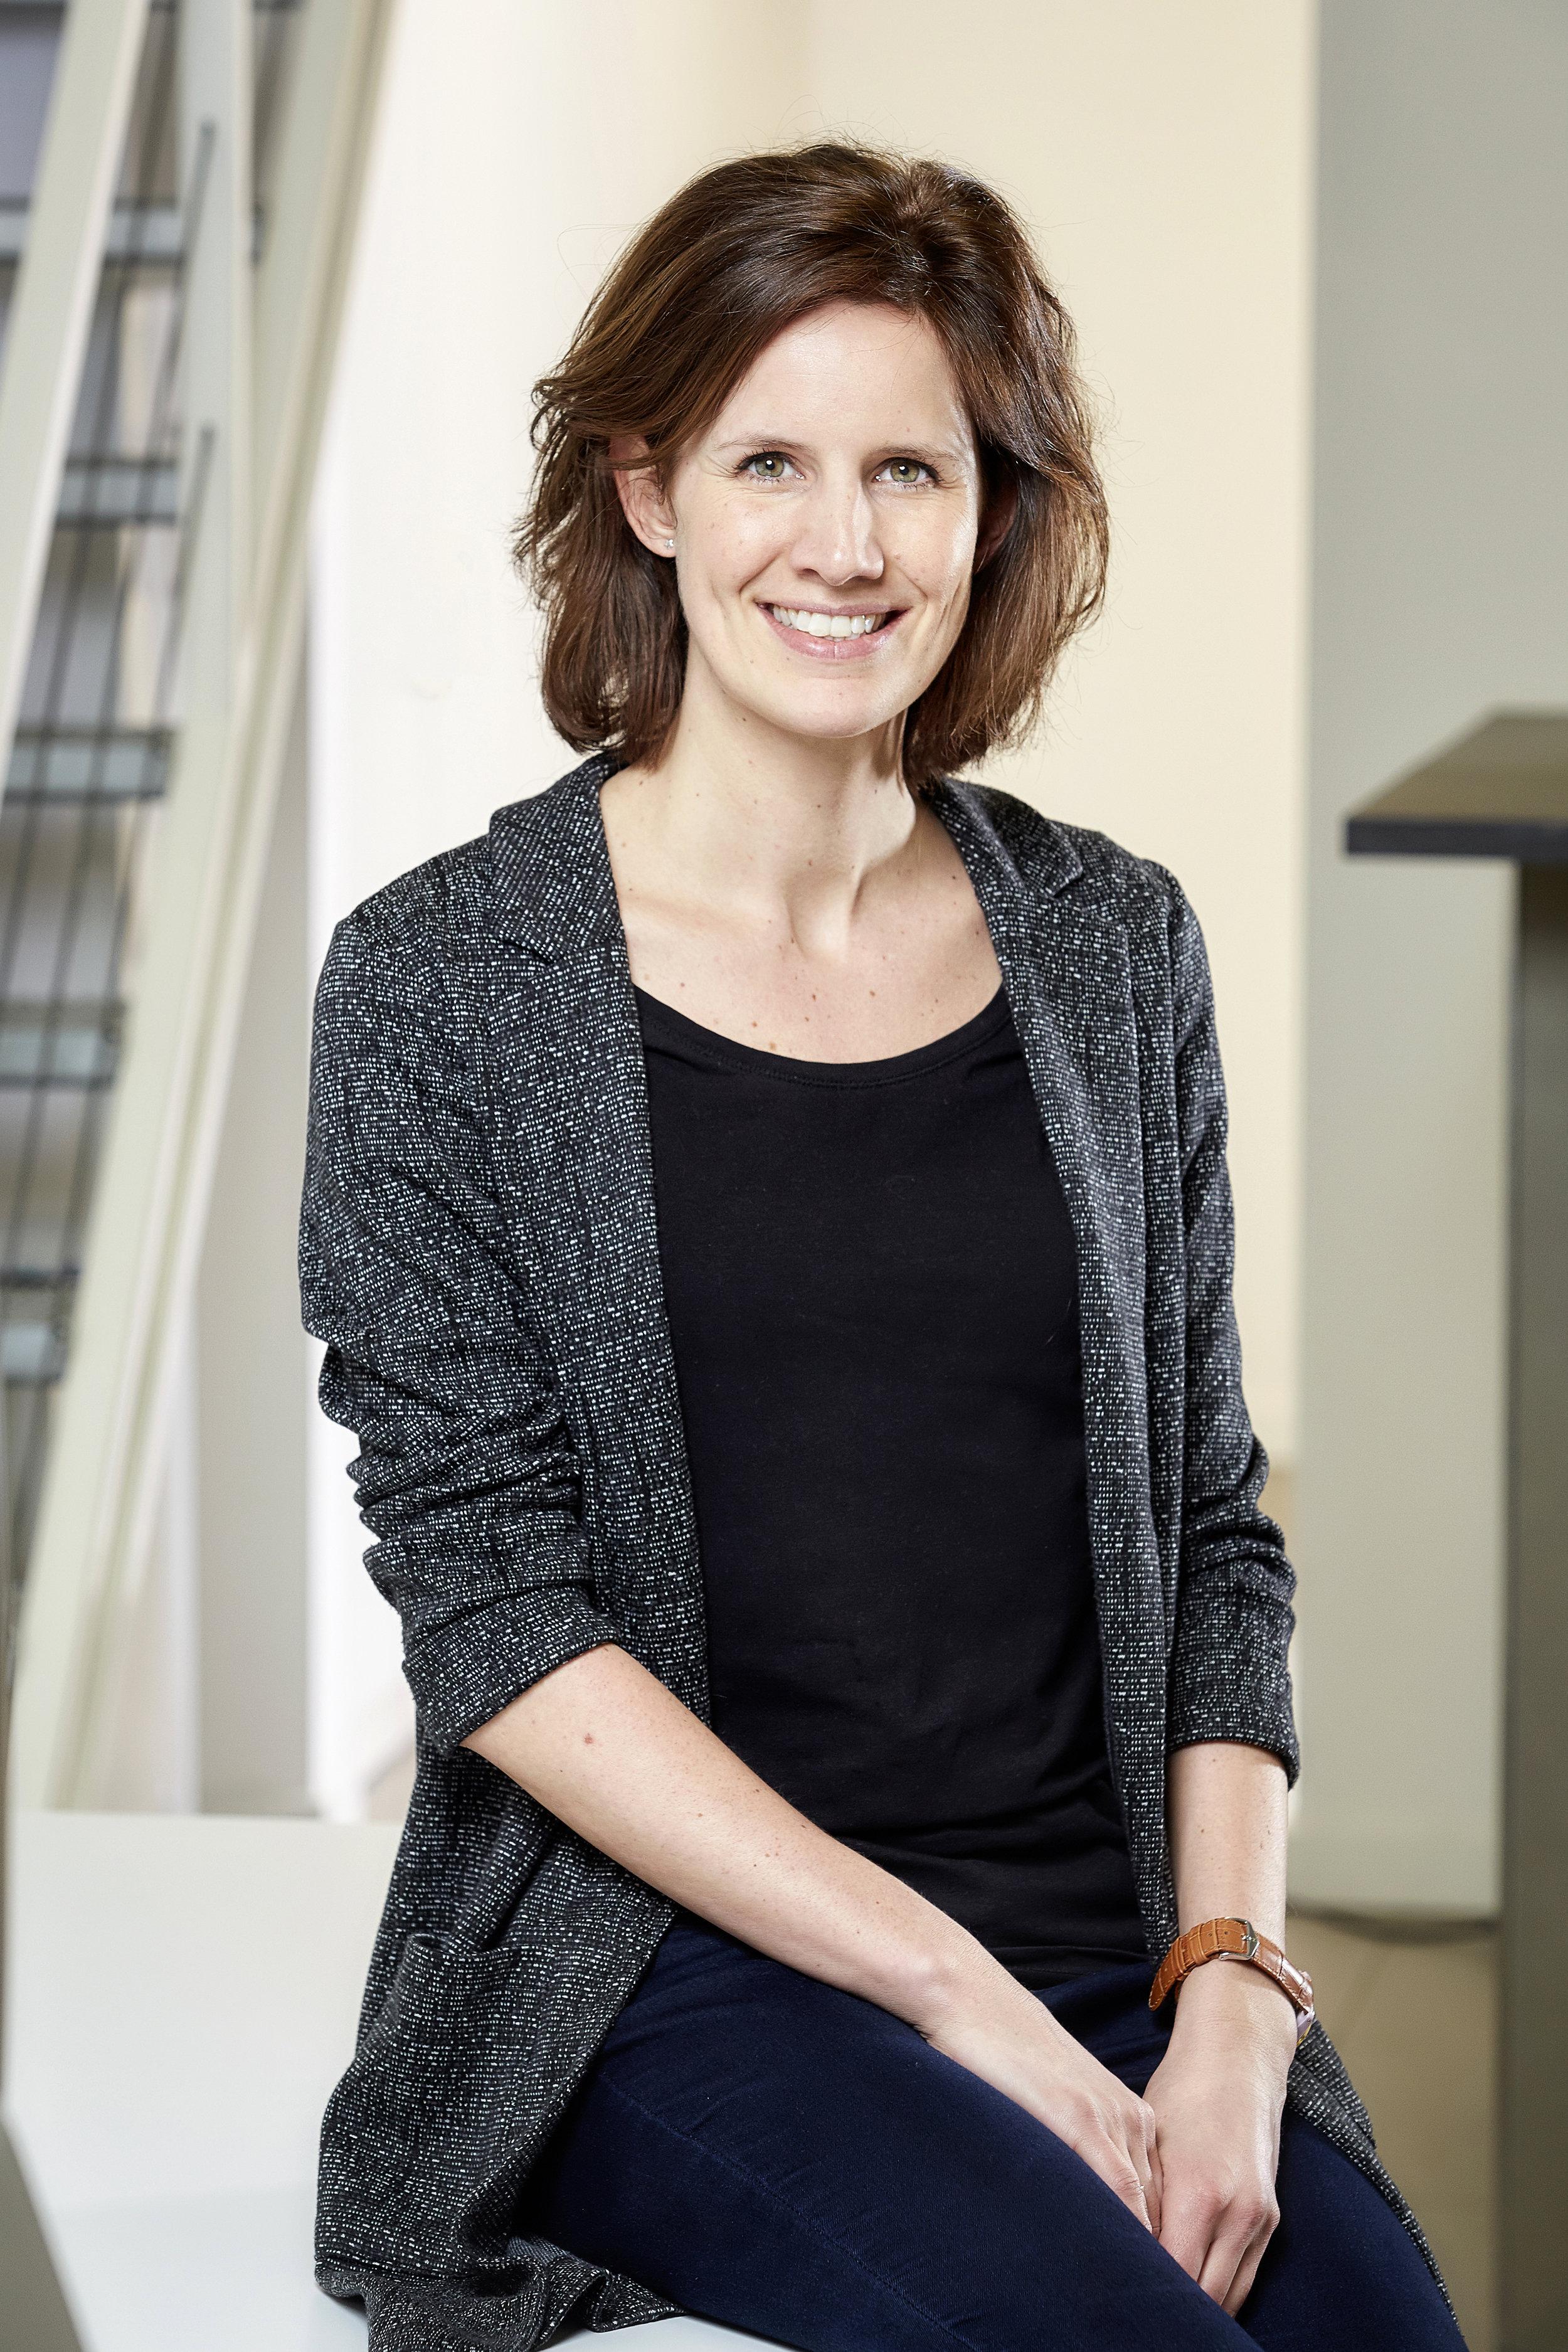 Marlies Zegelaar, tech PR &content